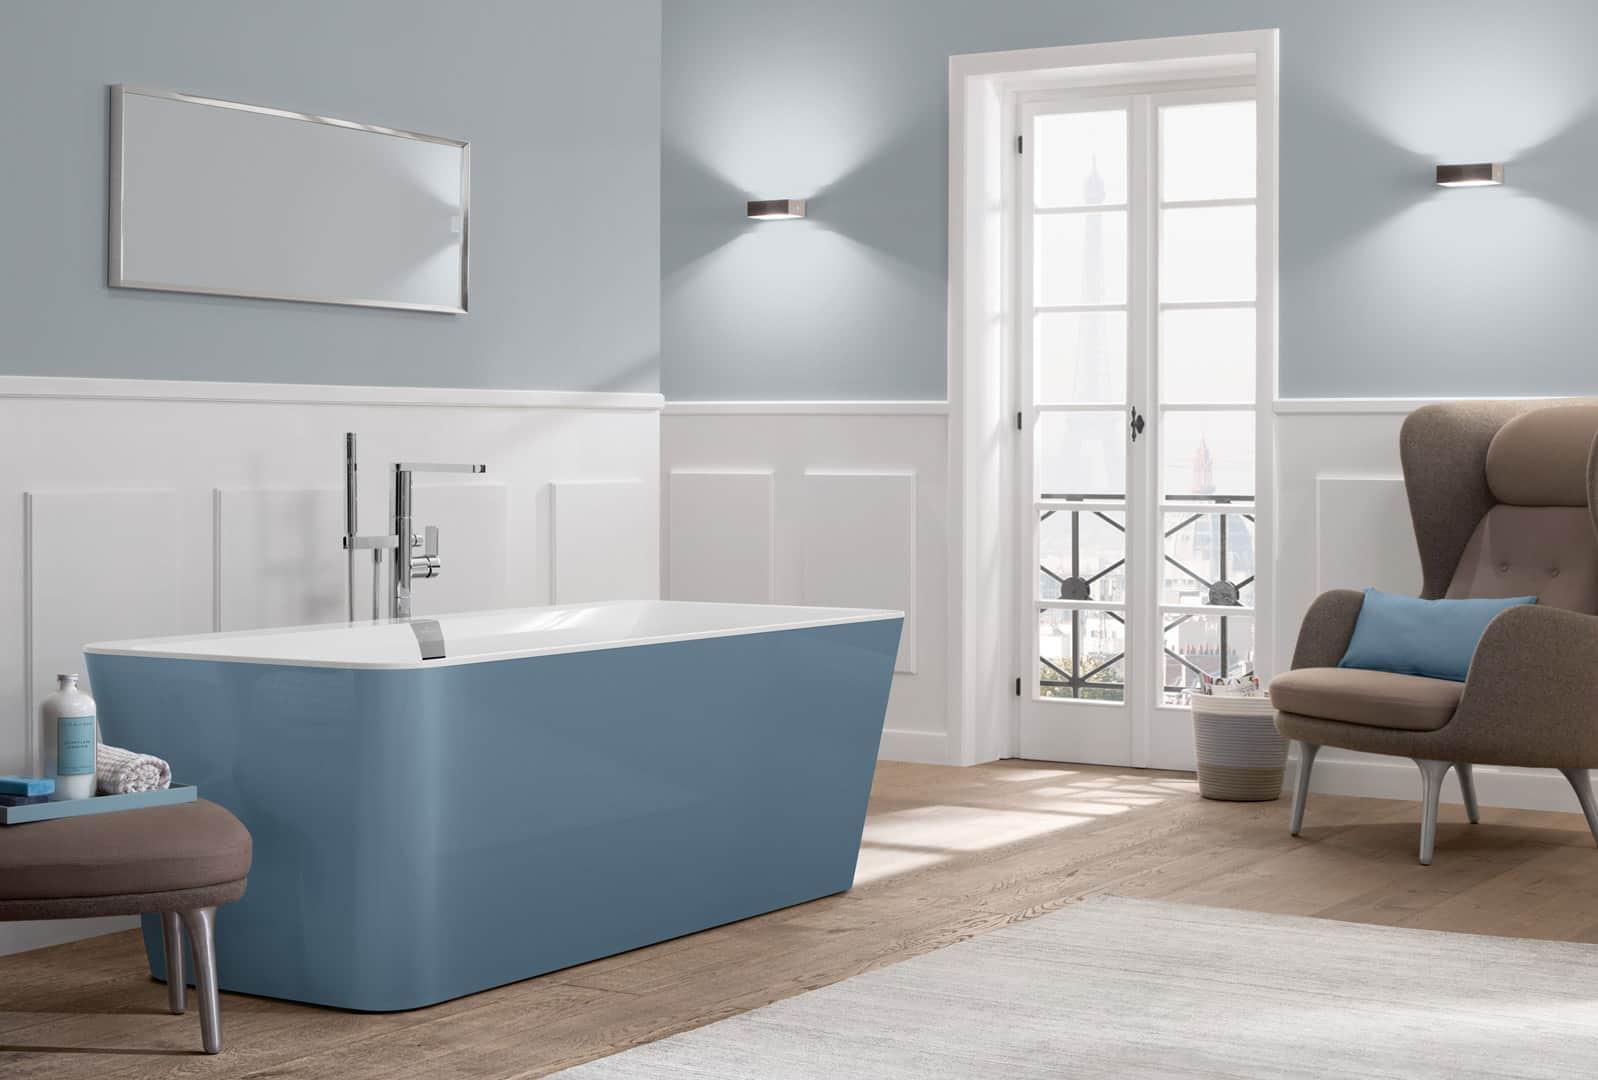 farbe im badezimmer ausdrucksvoll und individuell. Black Bedroom Furniture Sets. Home Design Ideas